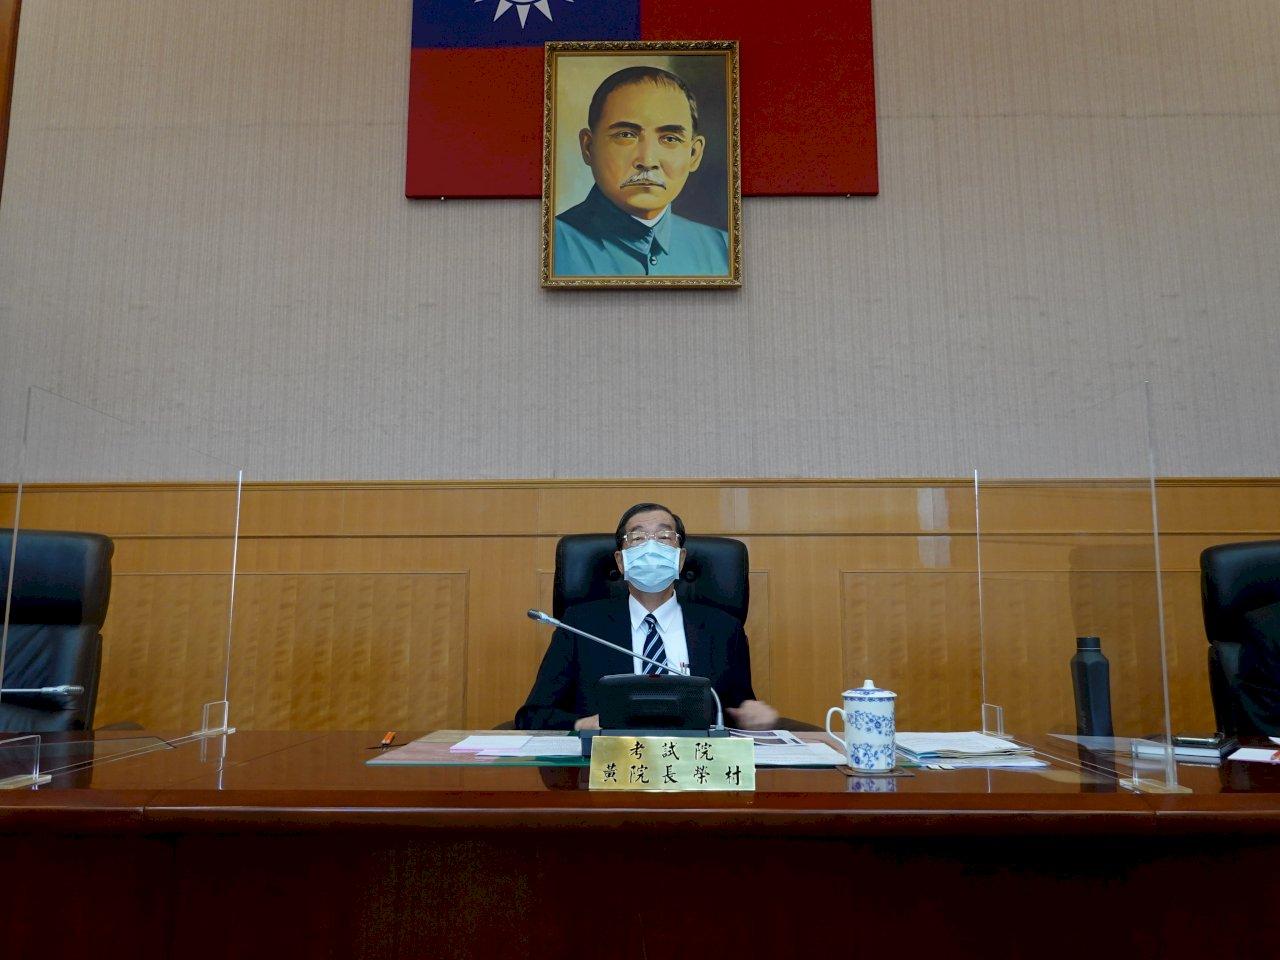 第13屆考委就任滿週年 黃榮村期許動態革新